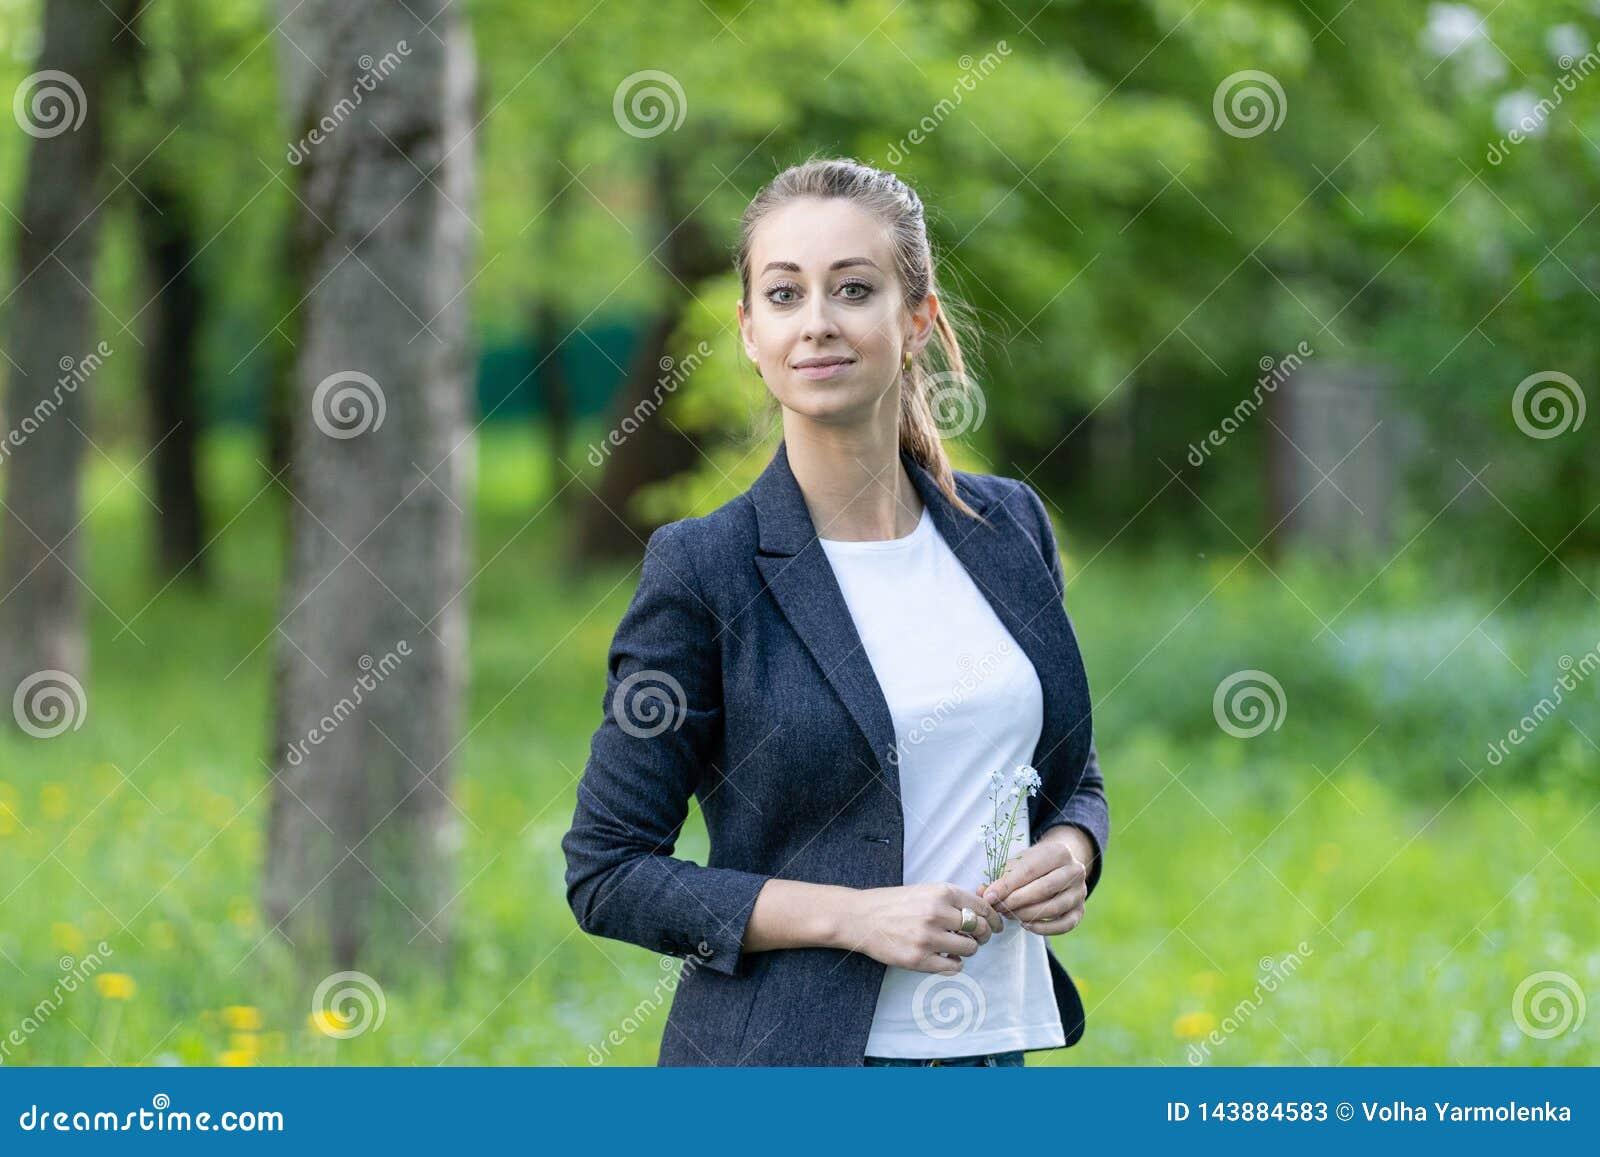 Молодая красивая женщина нося куртку дела и белые верхние улыбки, в ее руках небольшой букет незабудок